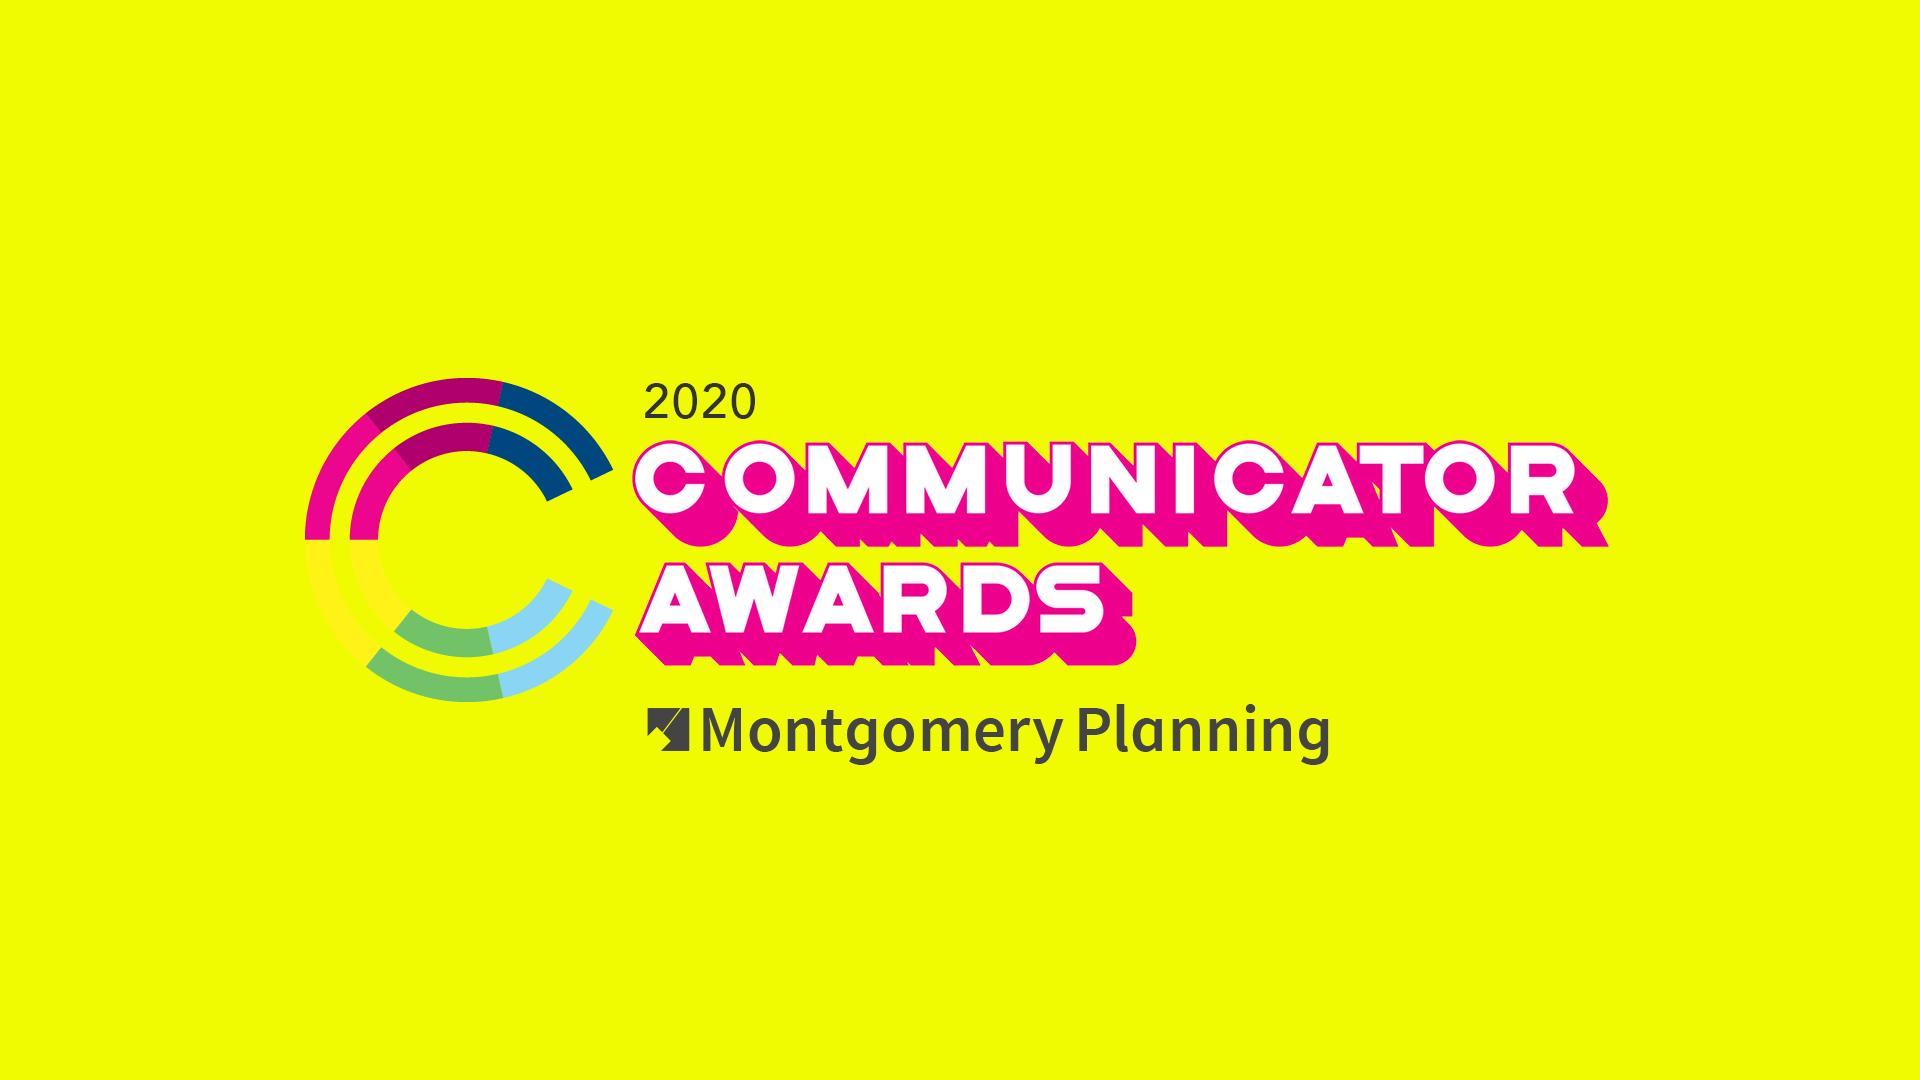 communicator awards banner